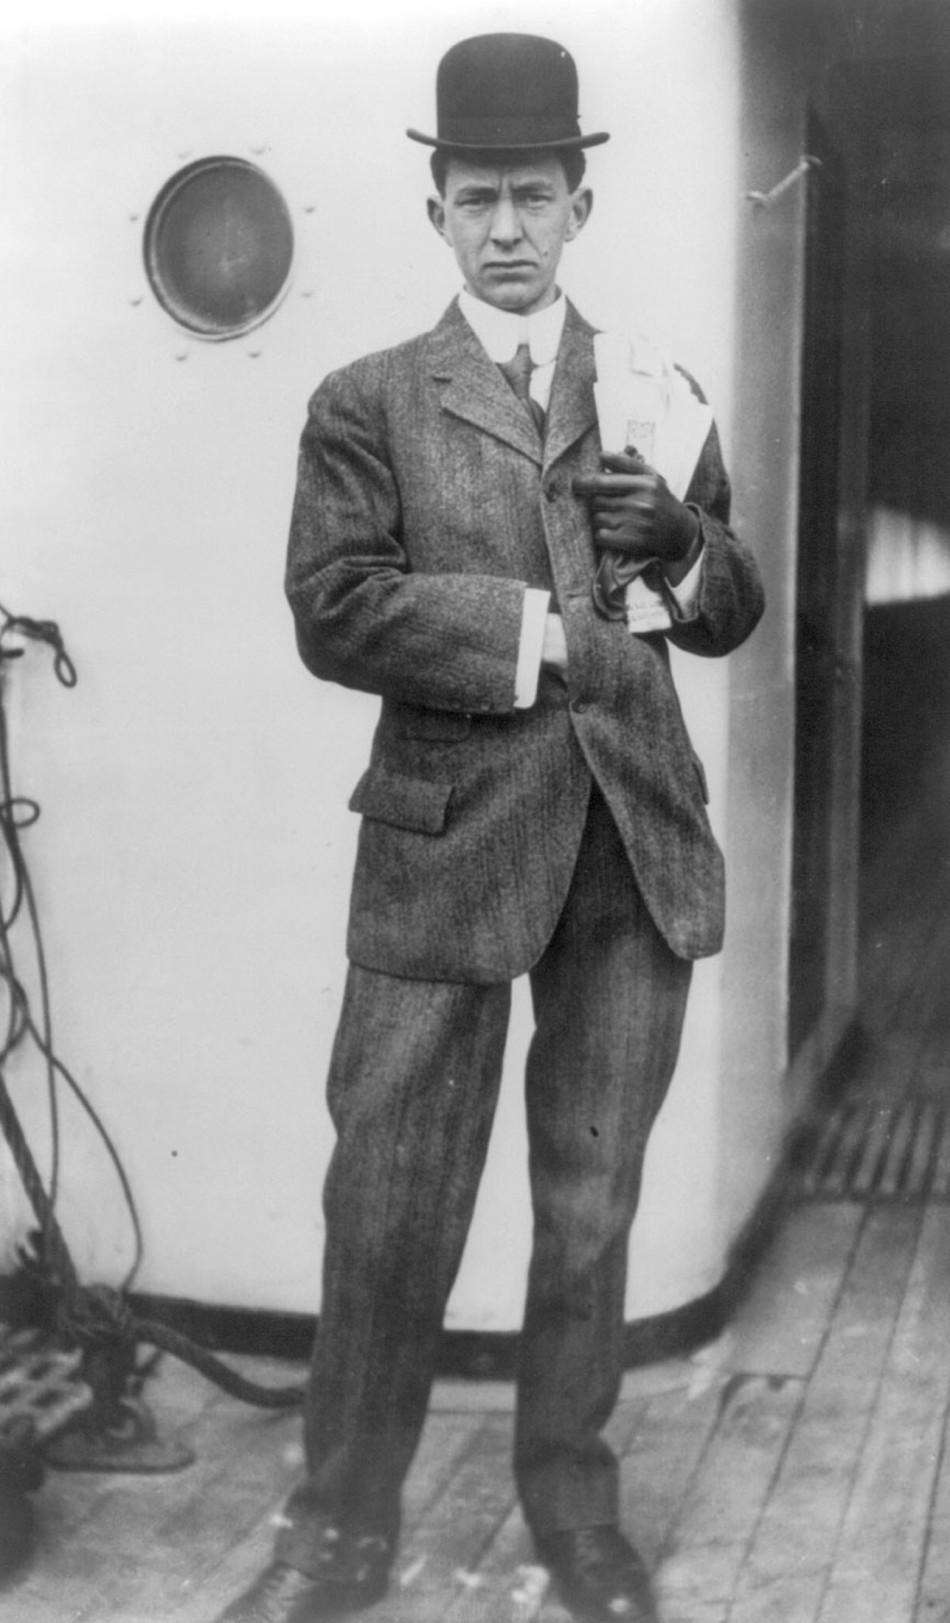 Stuart Collett a survivor of the Titanic sinking